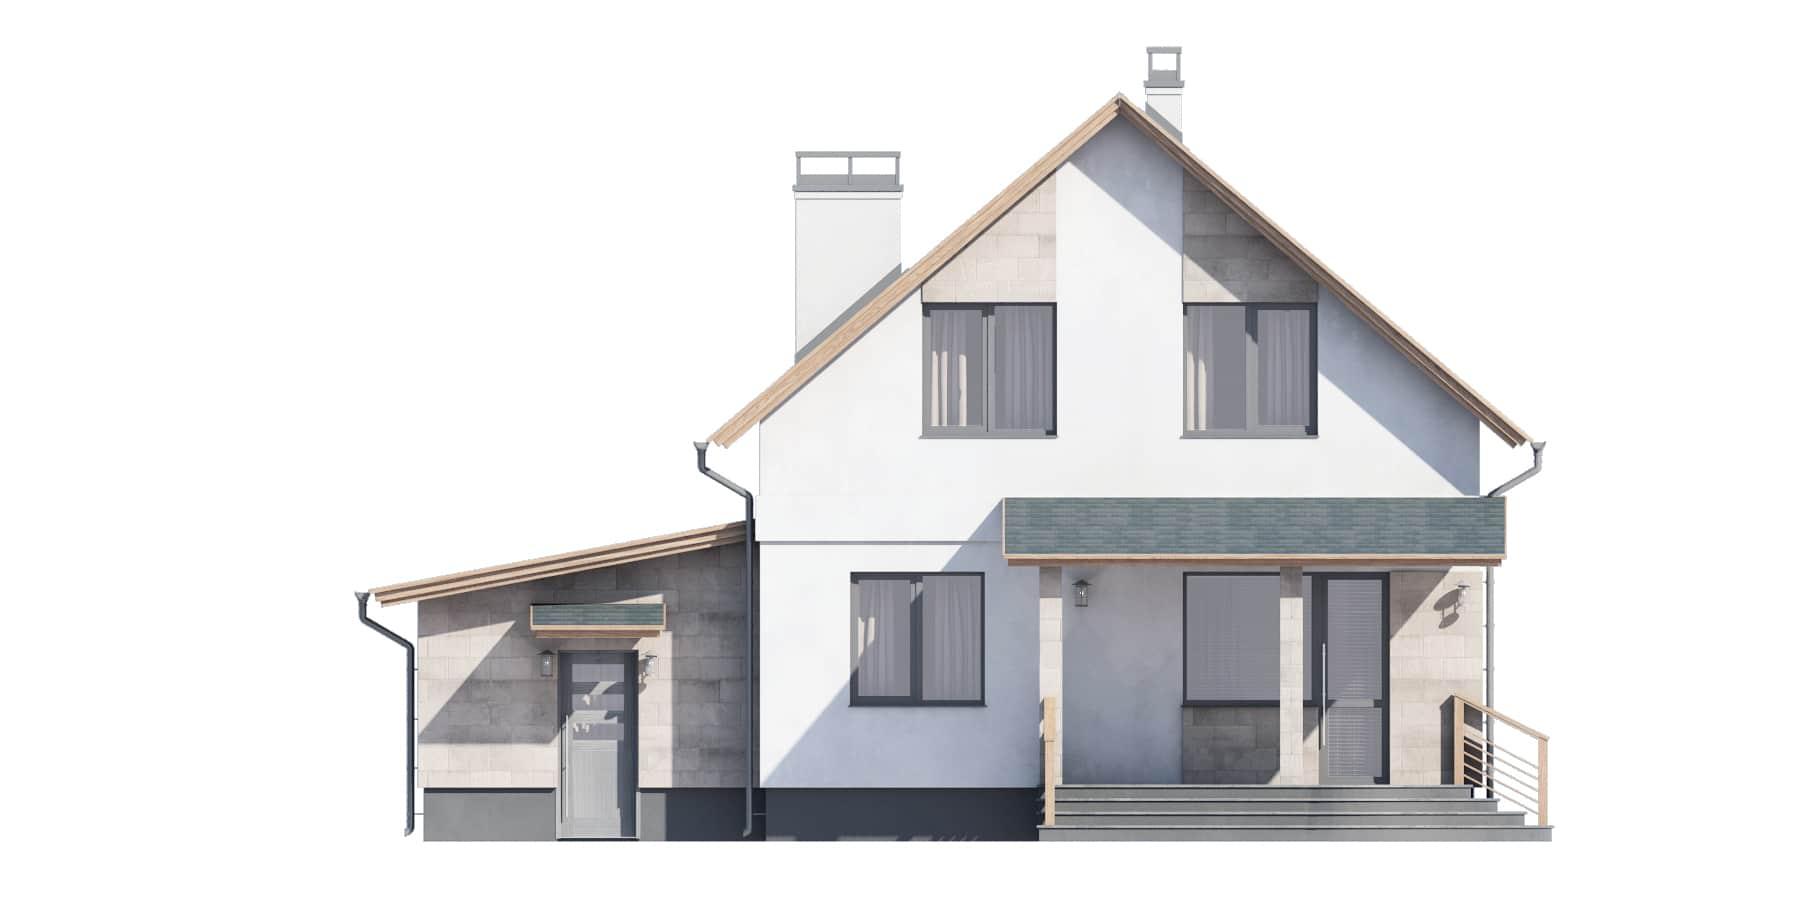 Фасад мансардного дома с гаражом и террасой «КМ-94» - сзади